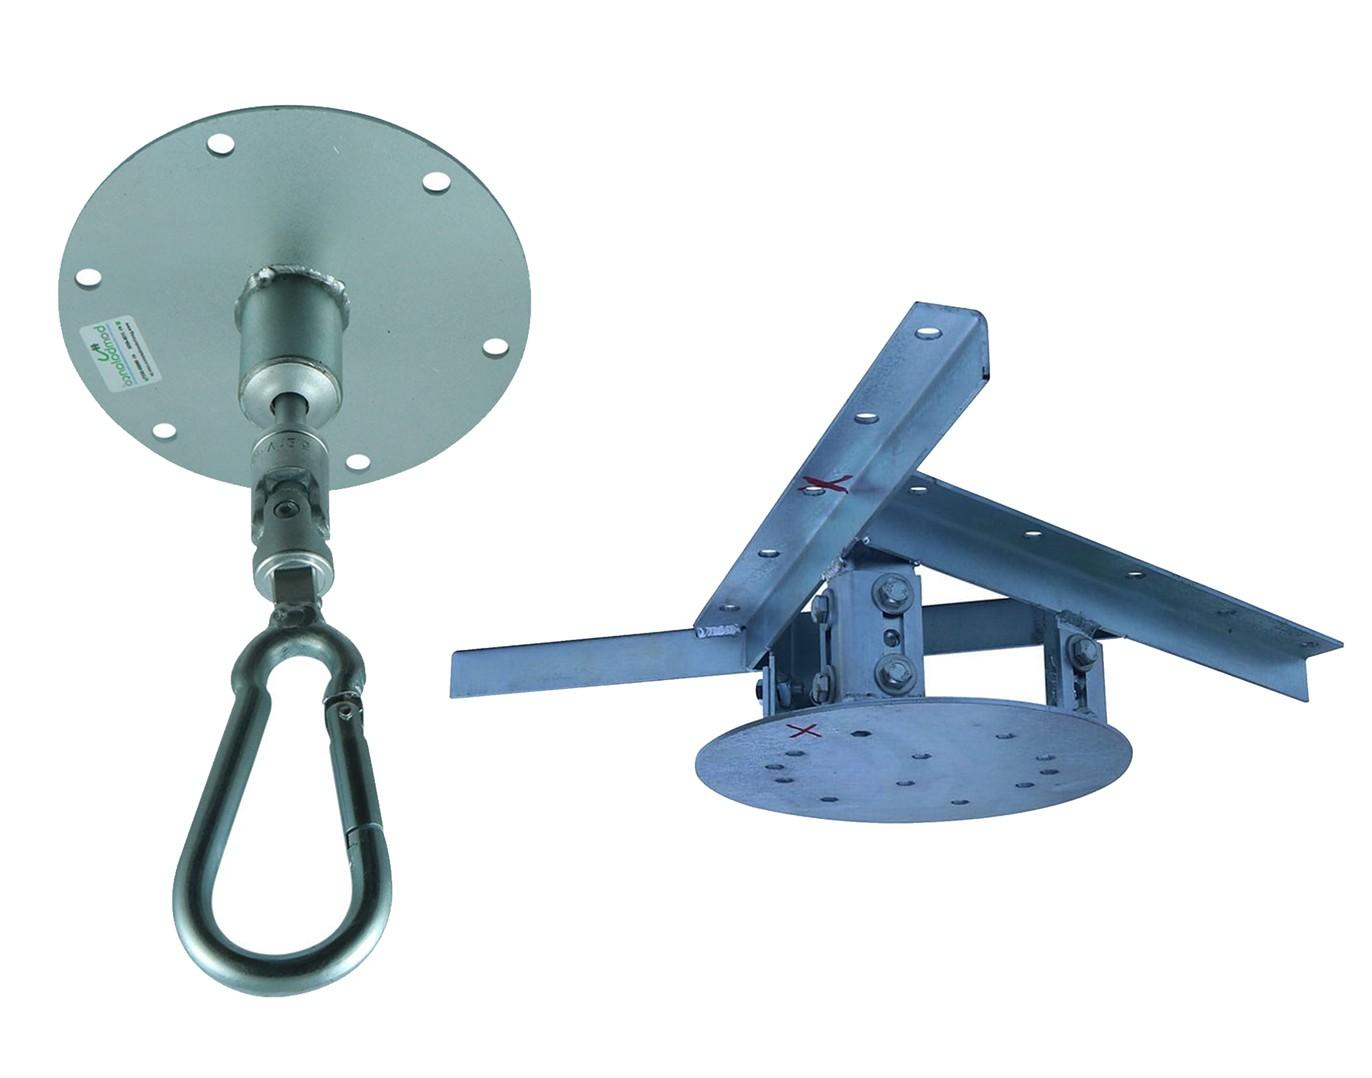 Kit extensor ajustável para teto com forro de gesso - 11 a 15 cm + mosquetão giratório